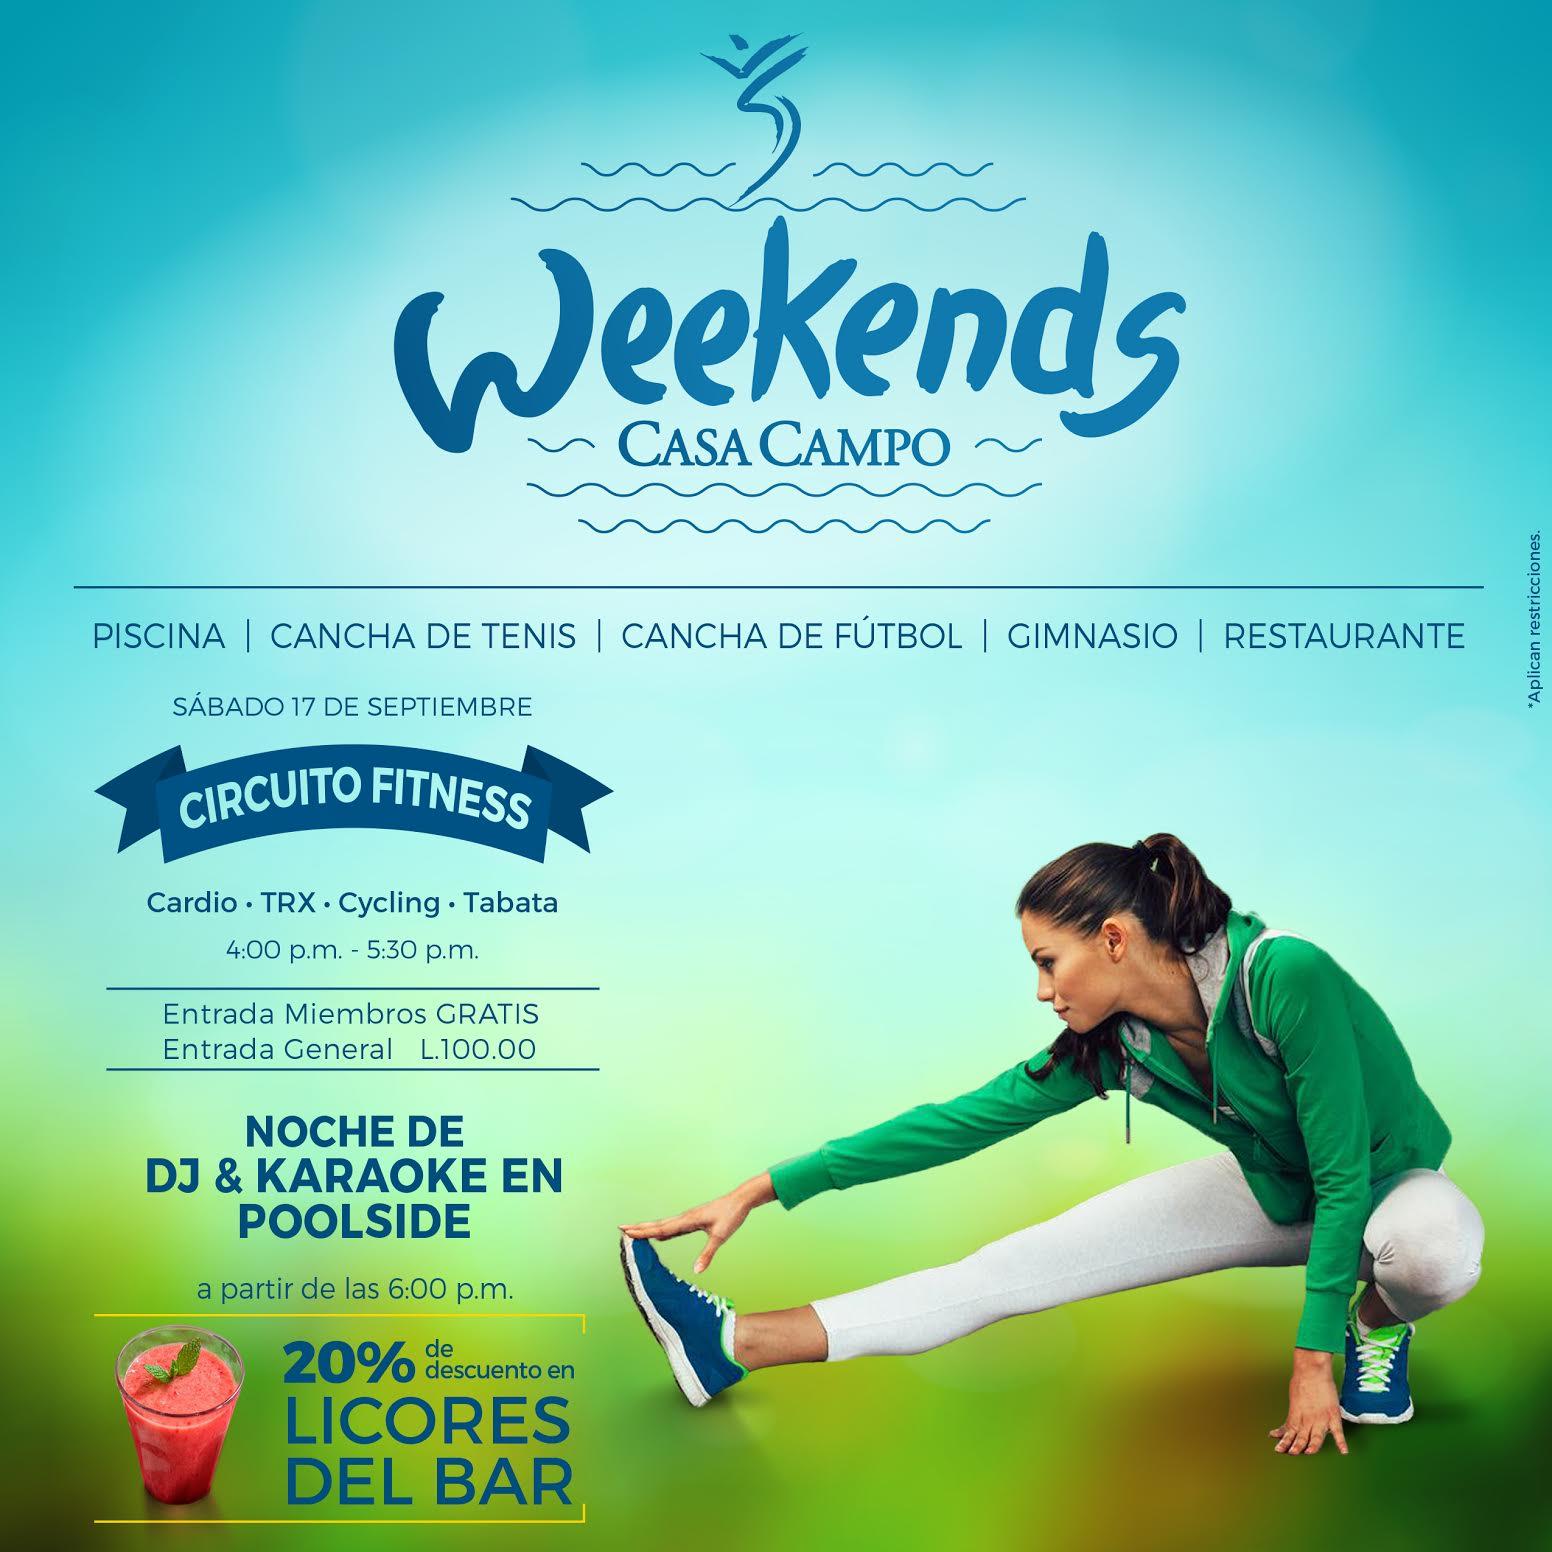 Circuito Fitness Casa Campo